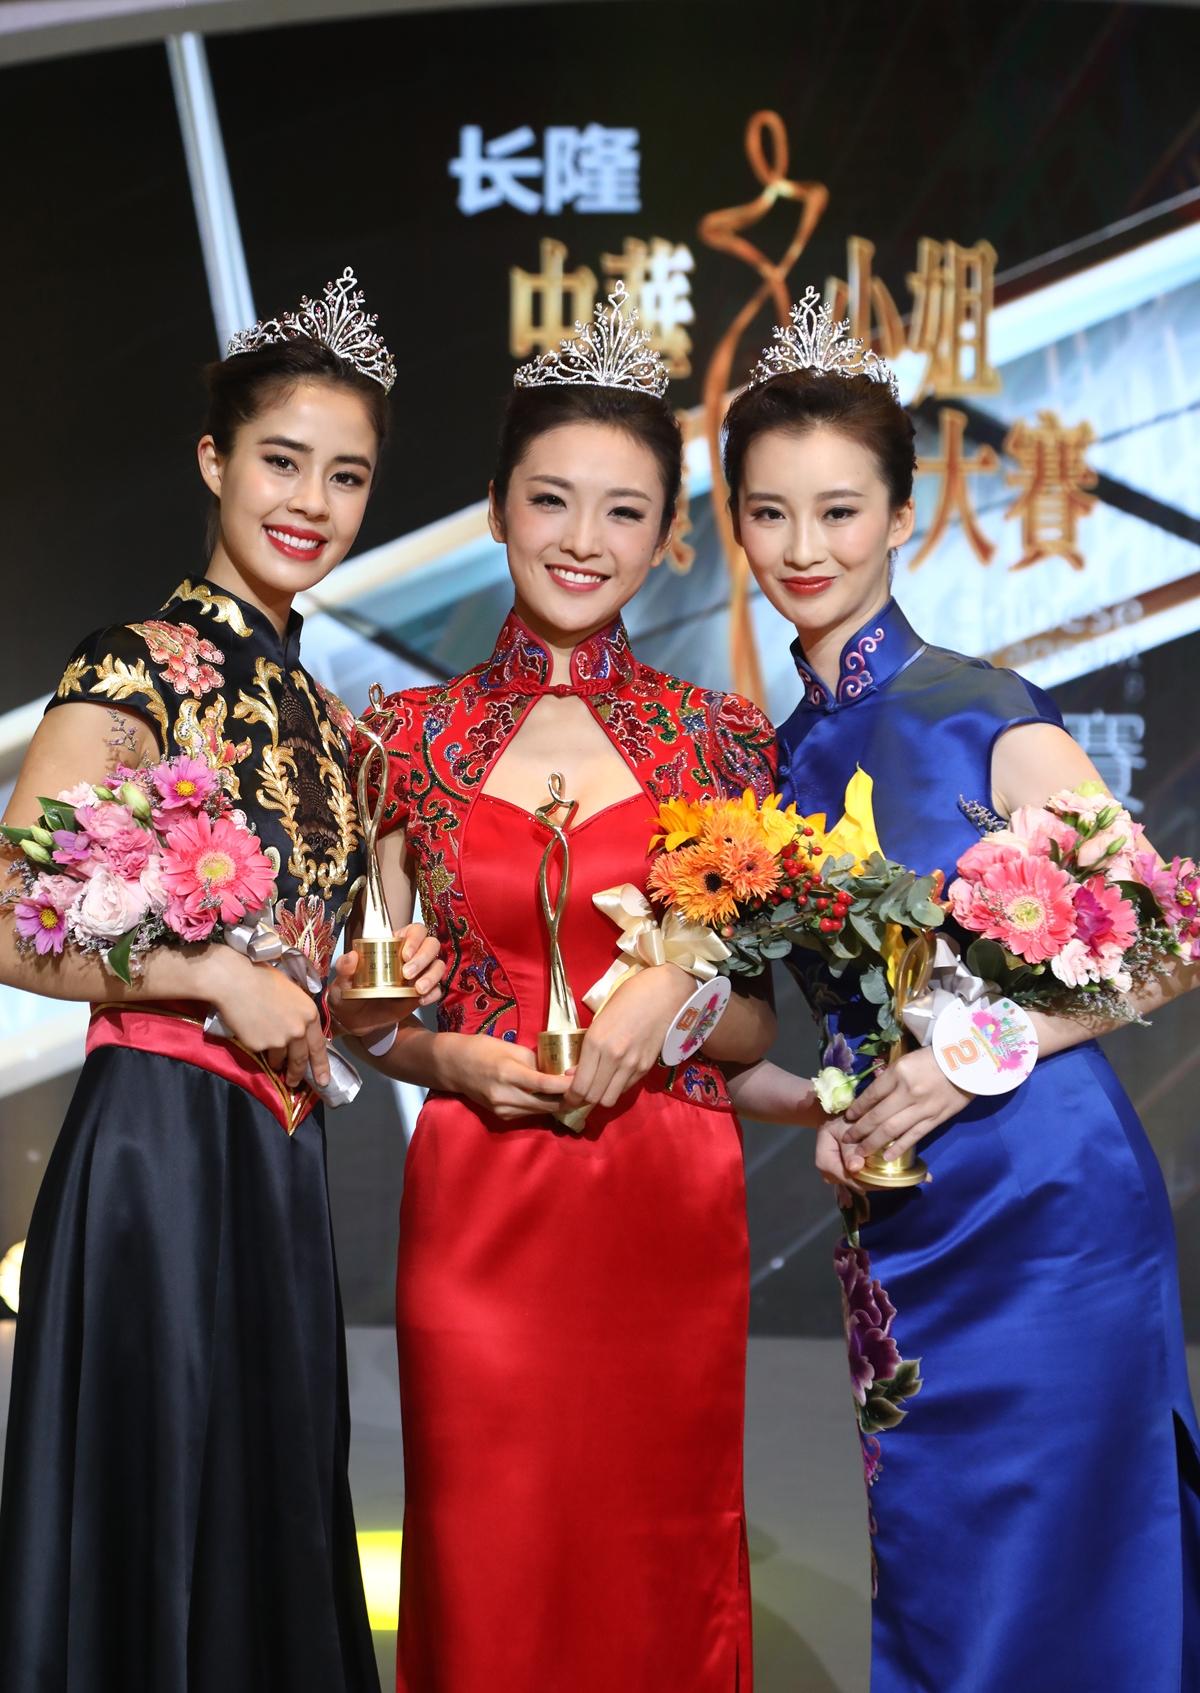 8号选顺手卢琳夺冠军 2018中华小姐环球父亲赛尽决赛绚丽收官